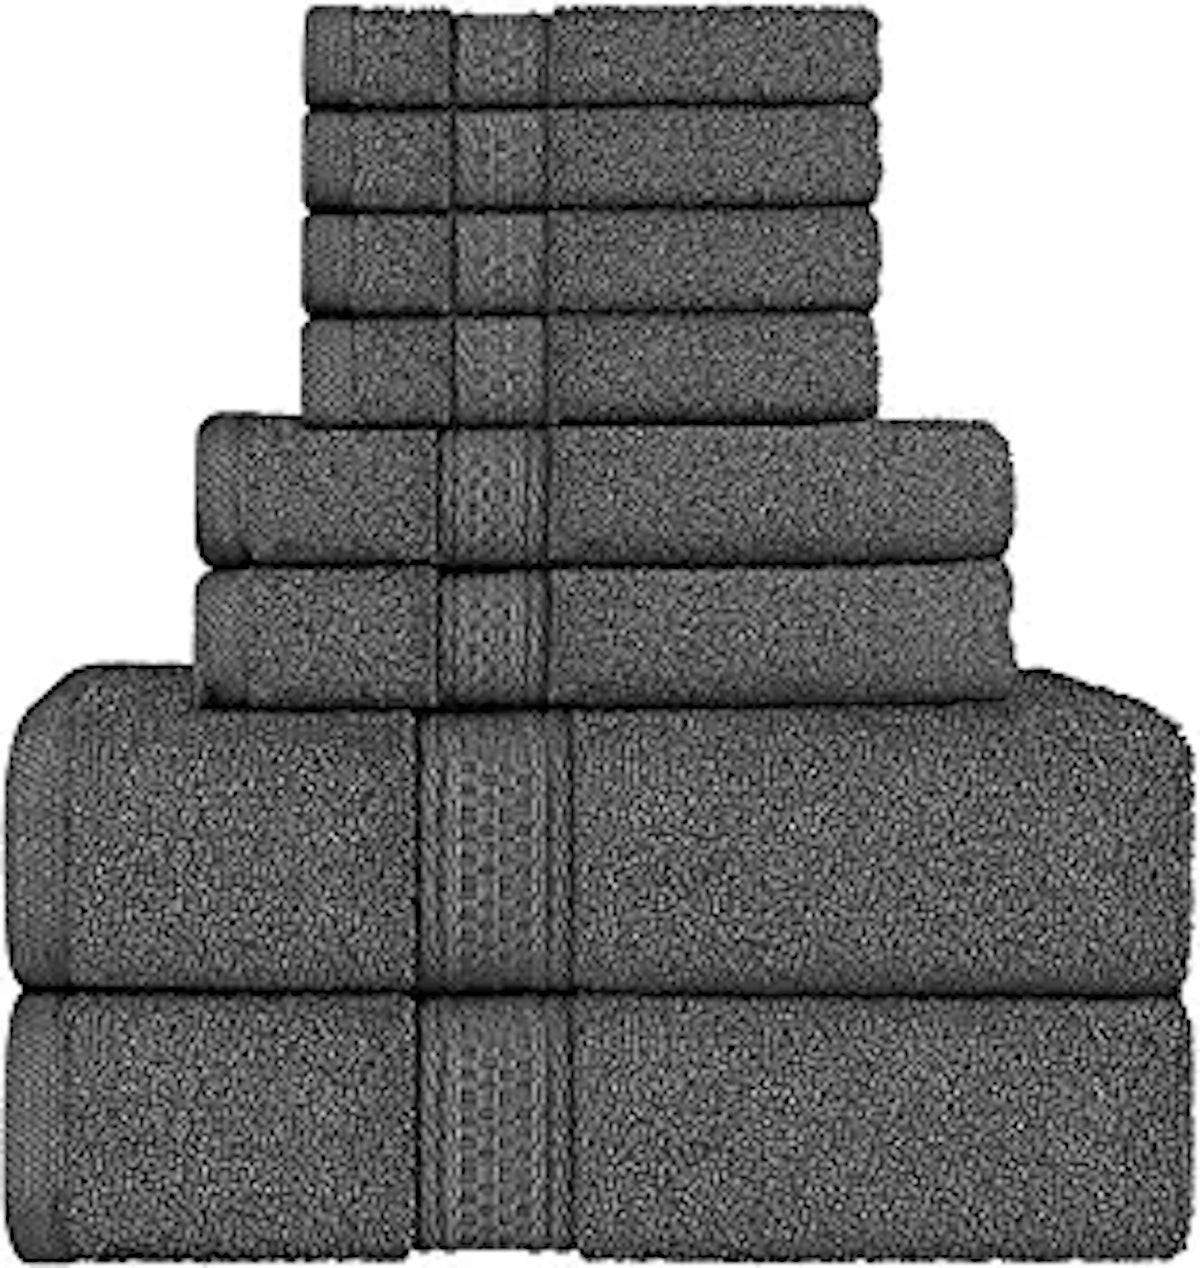 Utopia Towels Towel Set (8 Pieces)